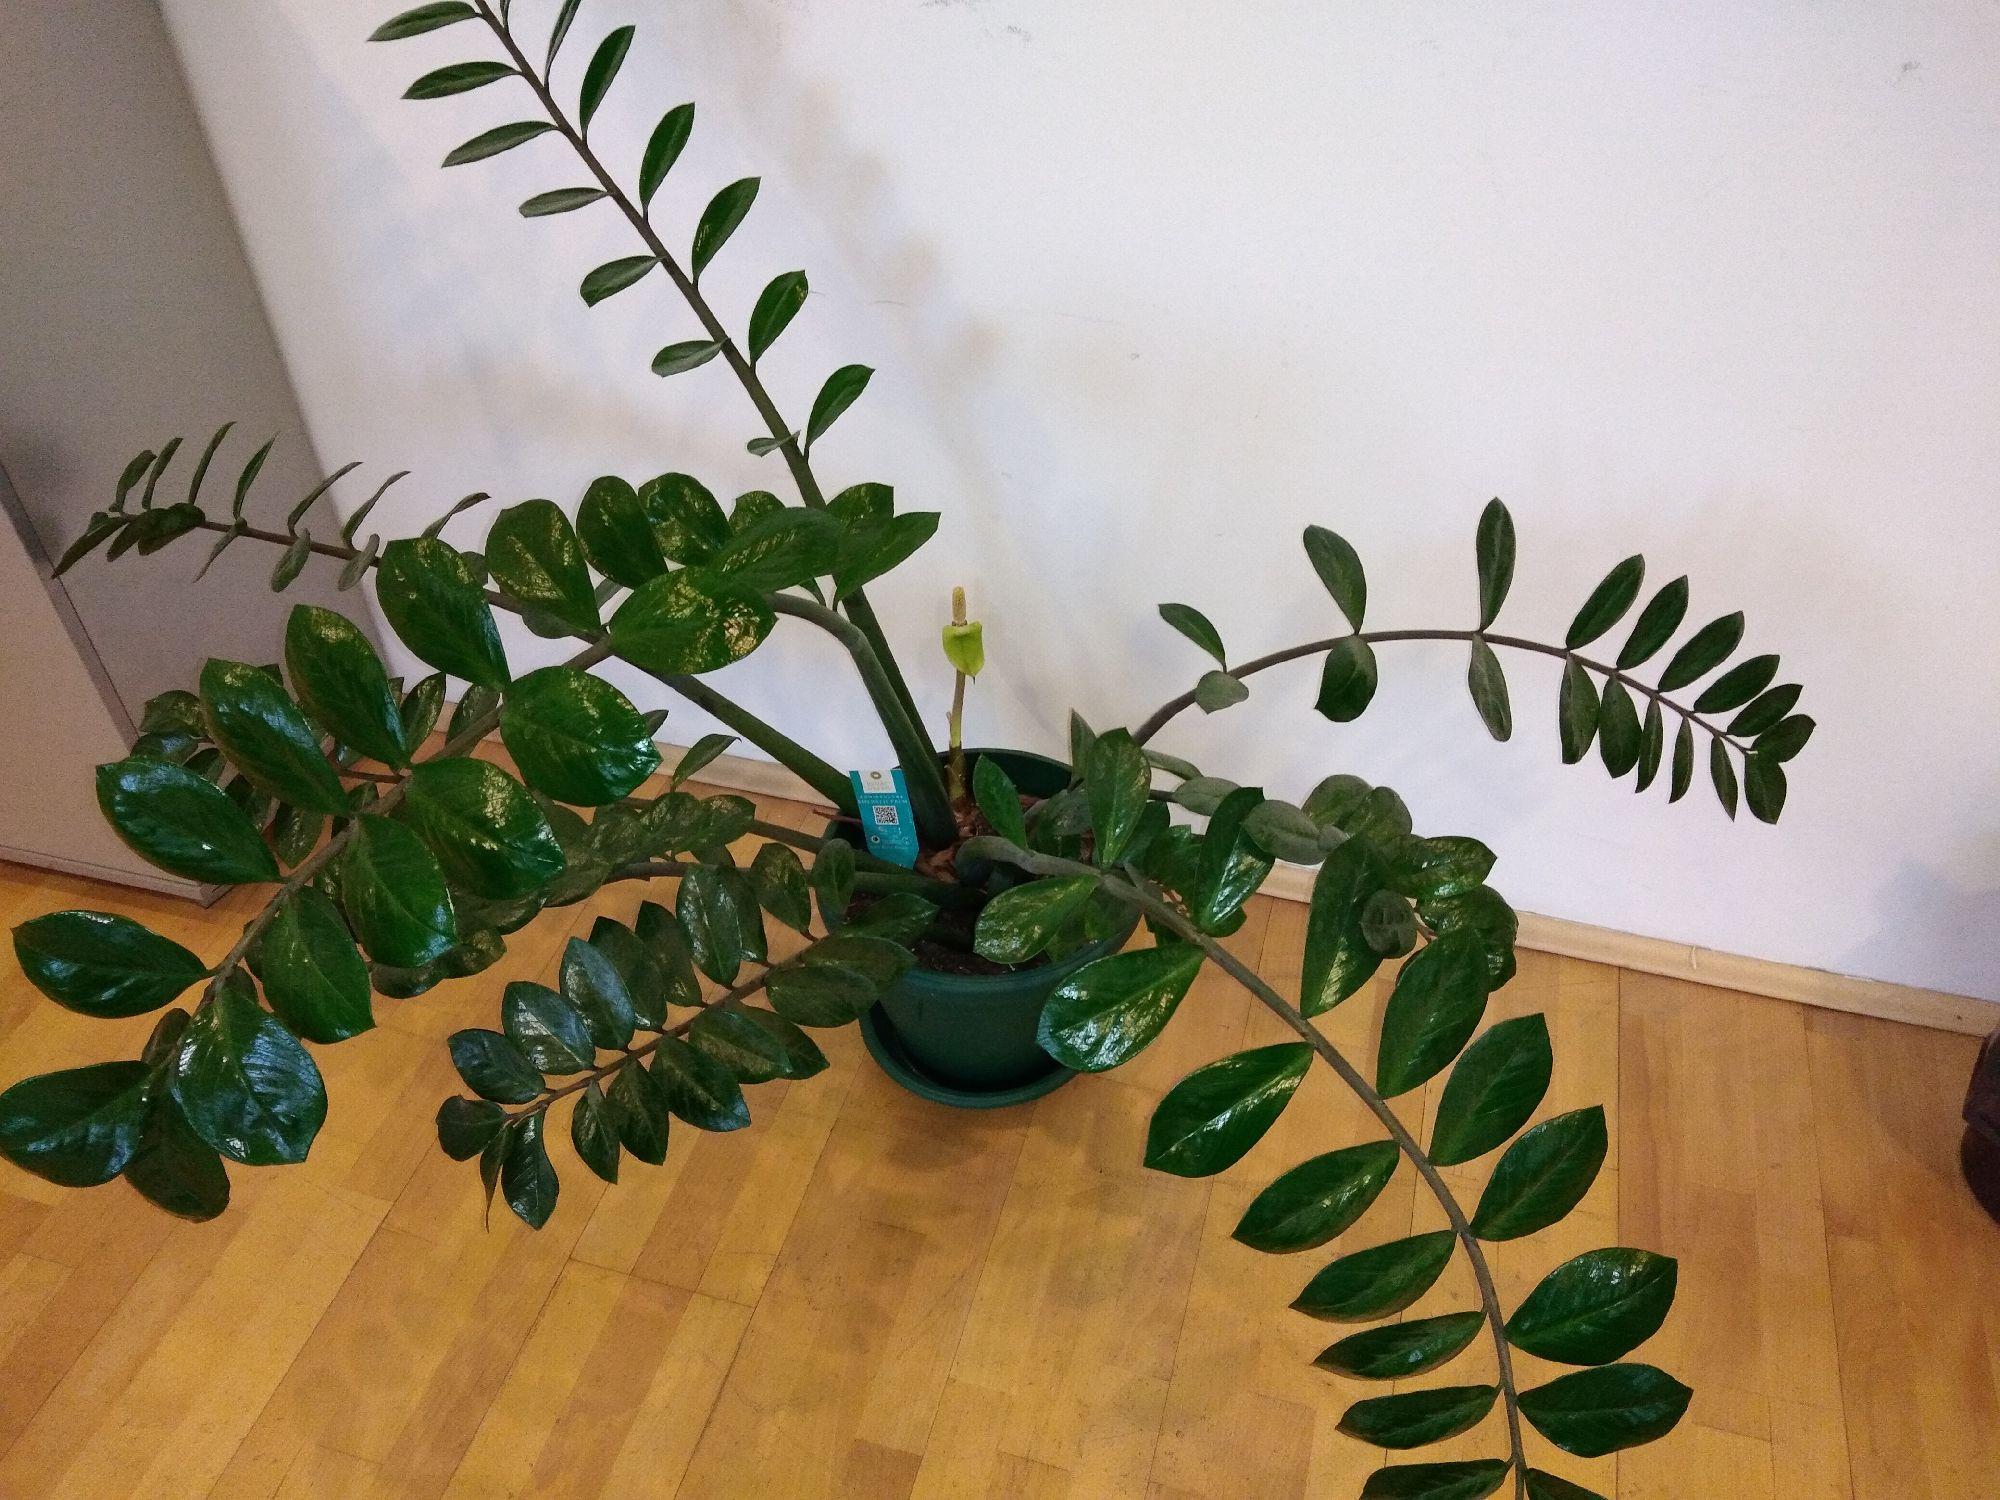 Овој биљки је потребна нова саксија / Этому растению нужен новый горшок